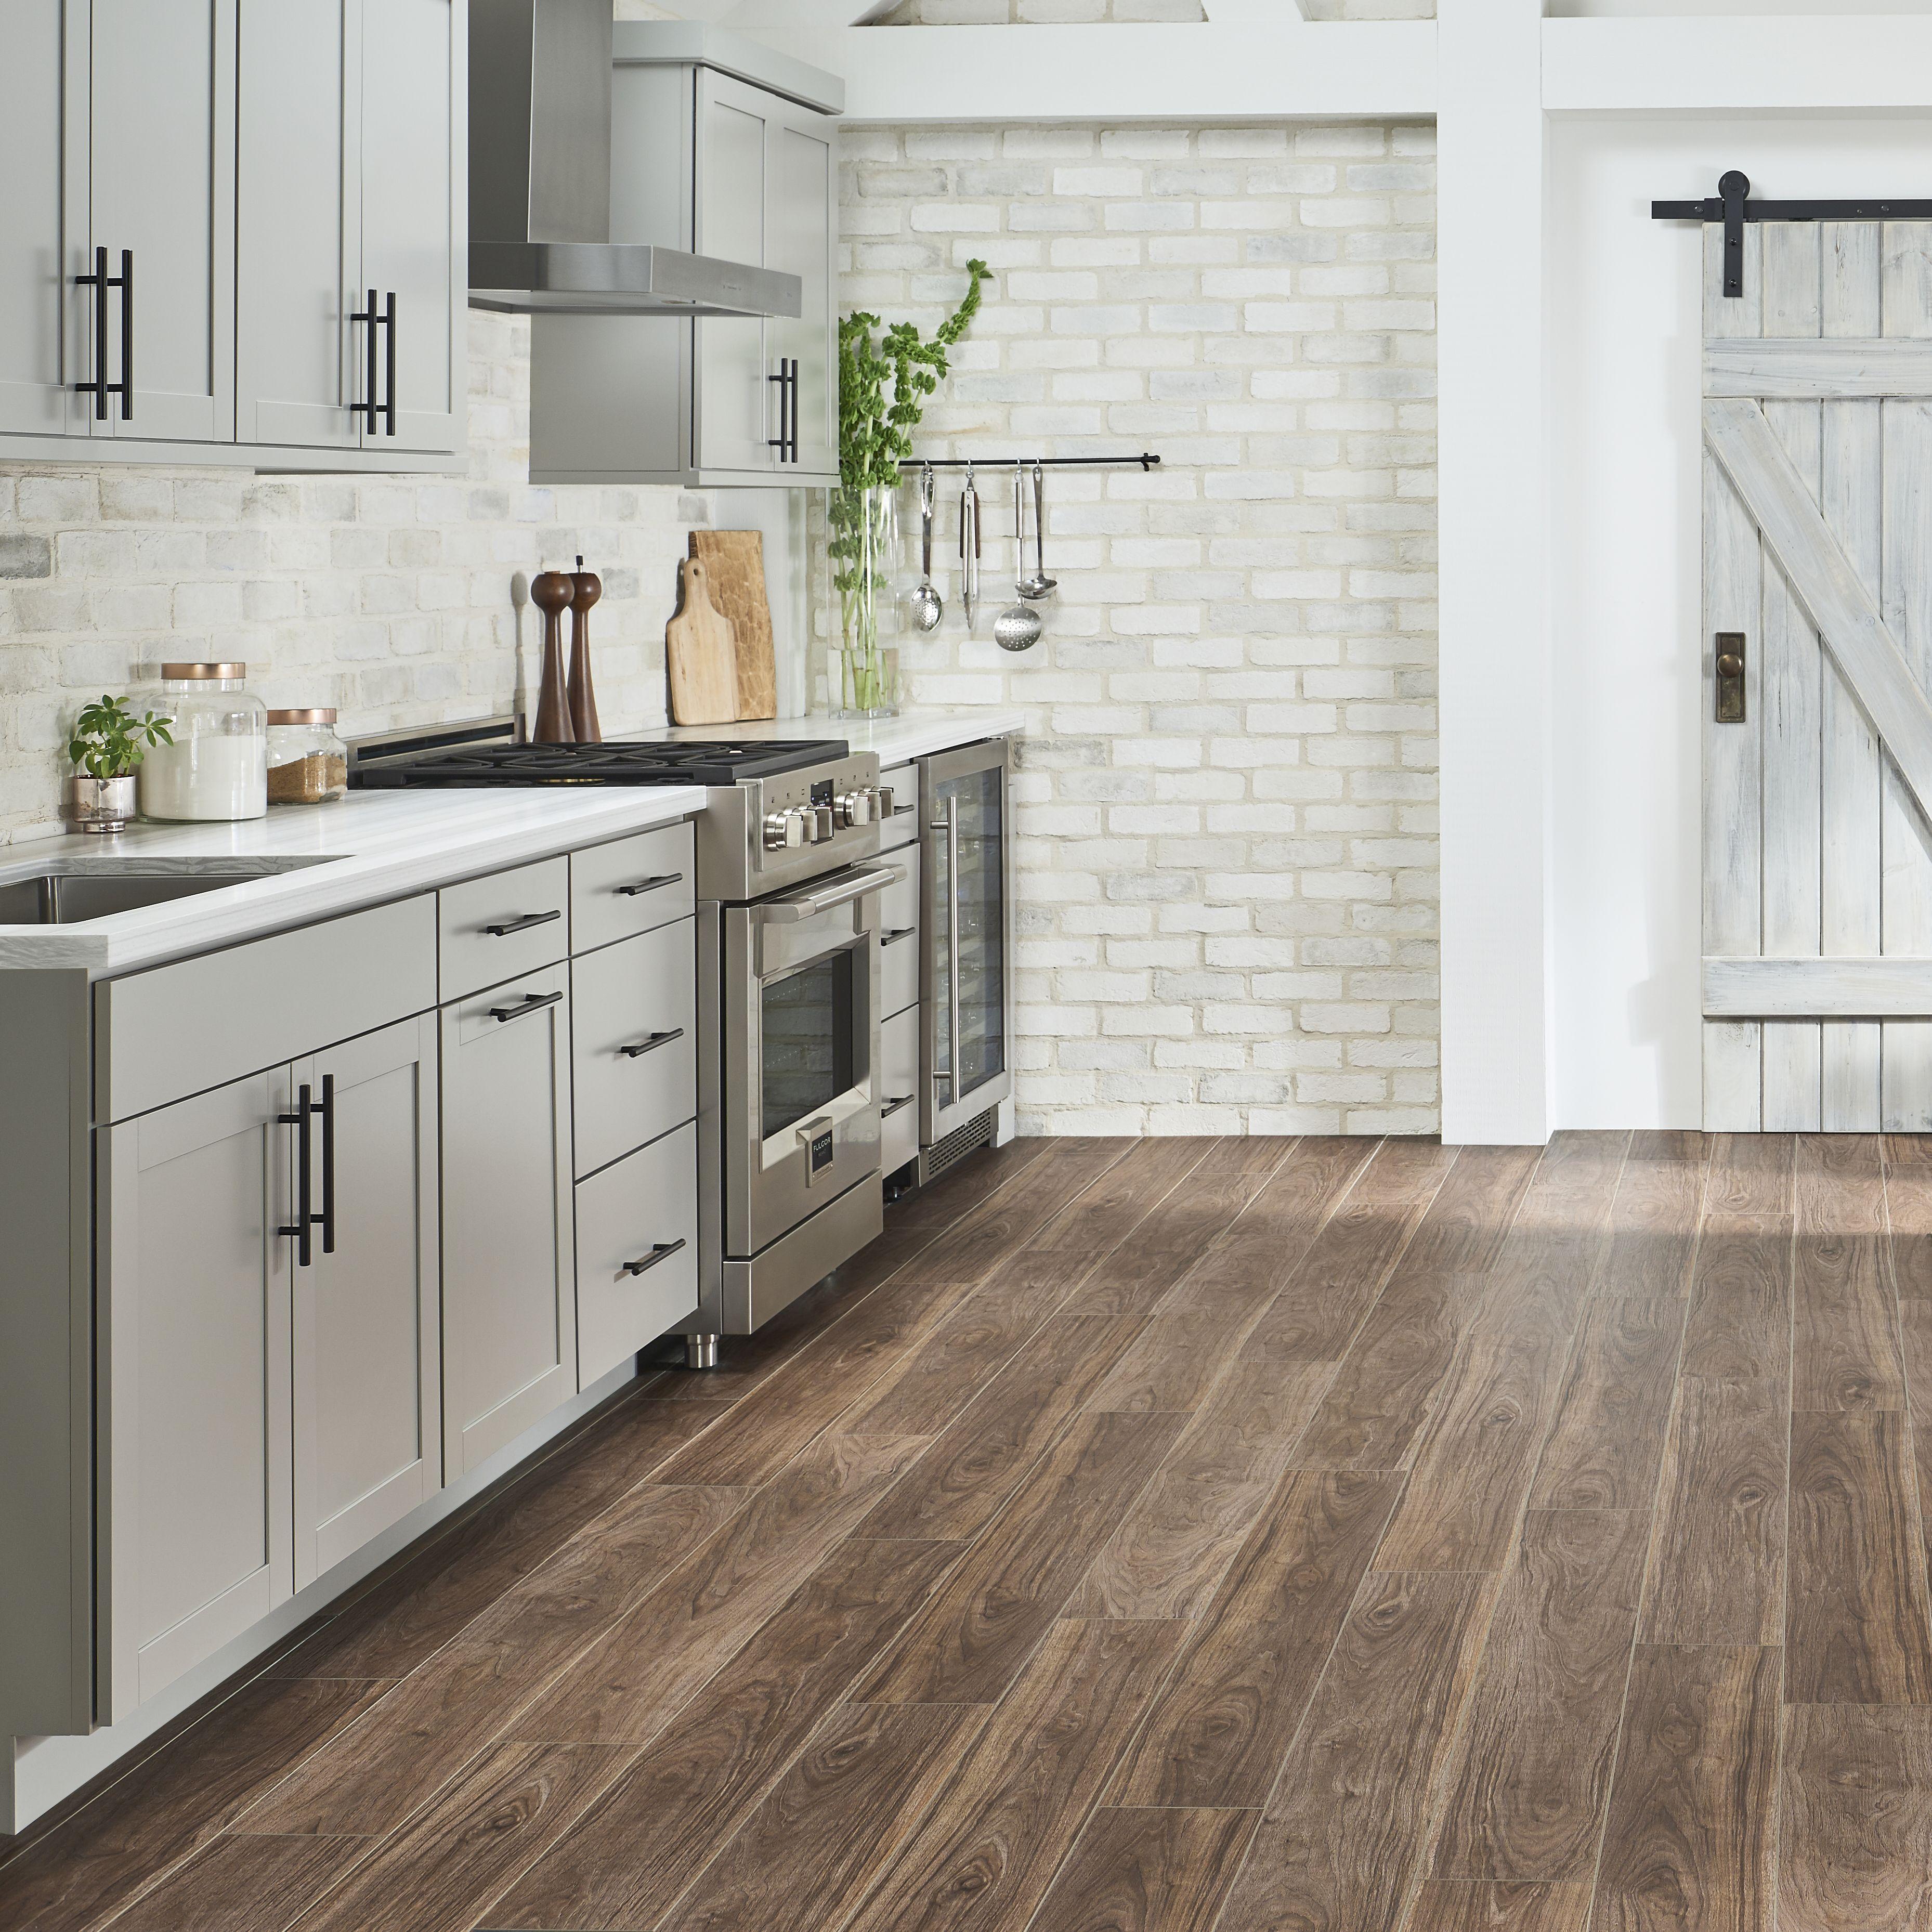 Flooring For Farmhouse Kitchen Farmhouse Kitchen Kitchen Small Apartment Modern